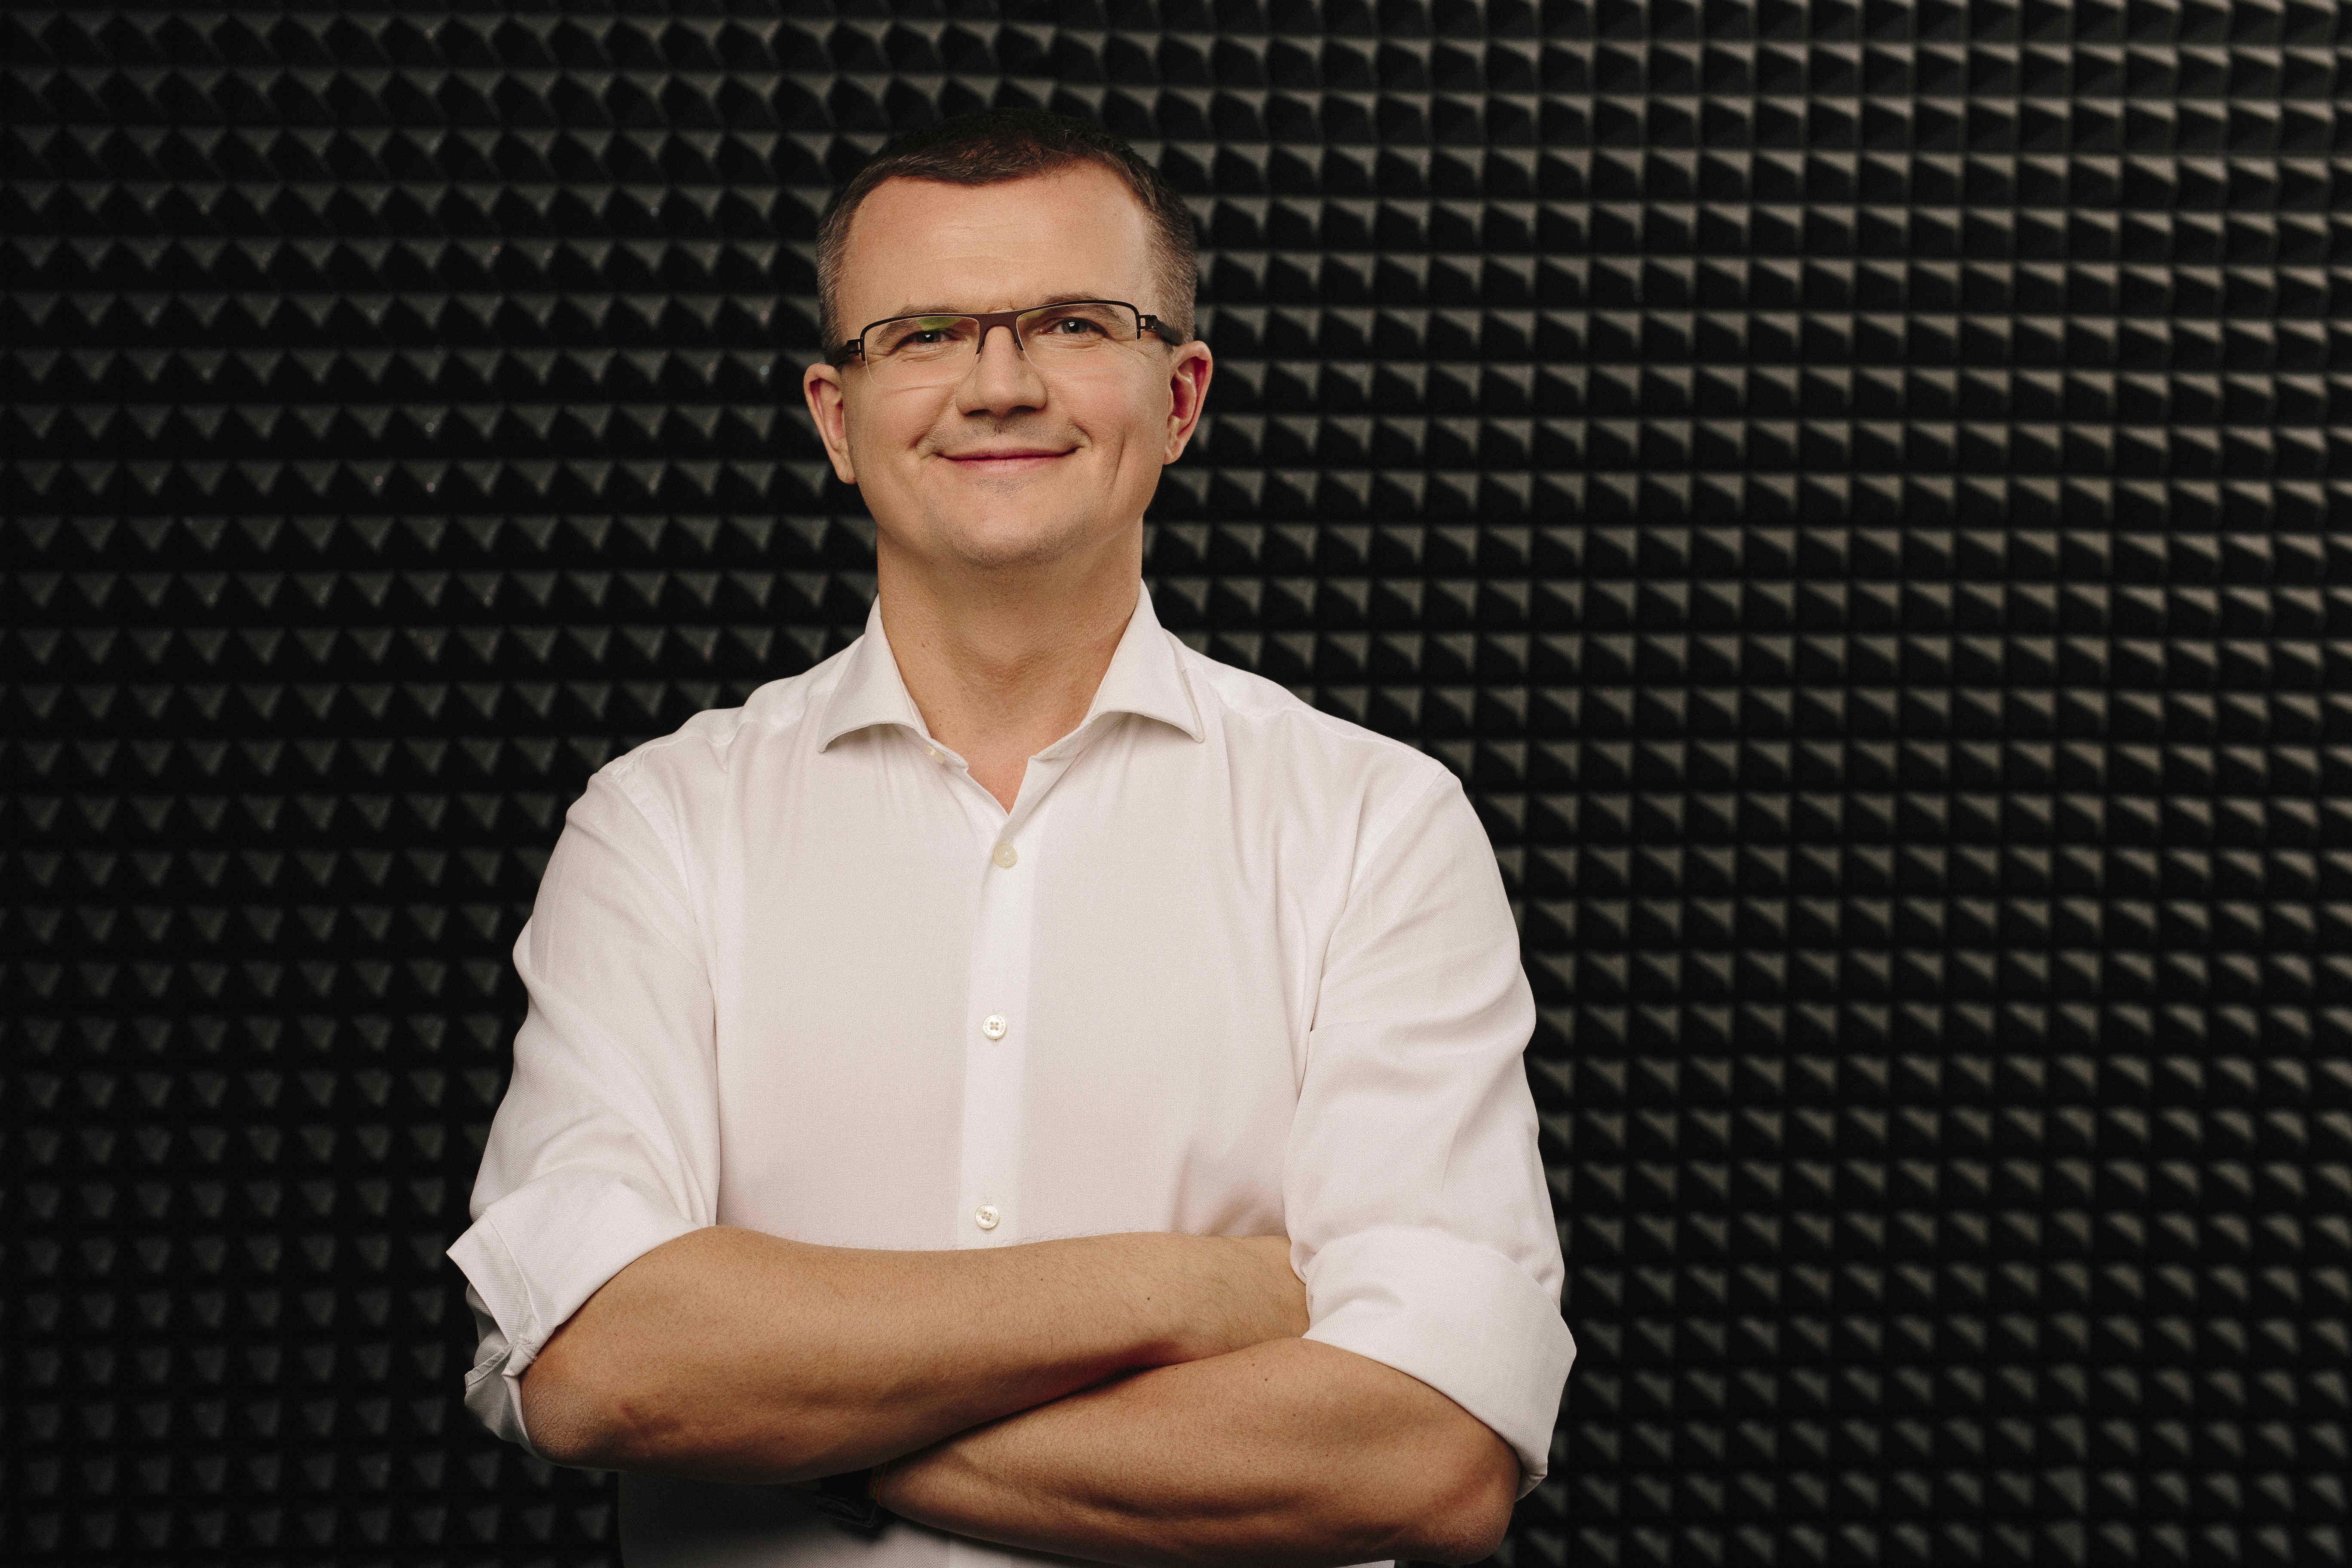 Pic_1 - Norbert Biedrzycki